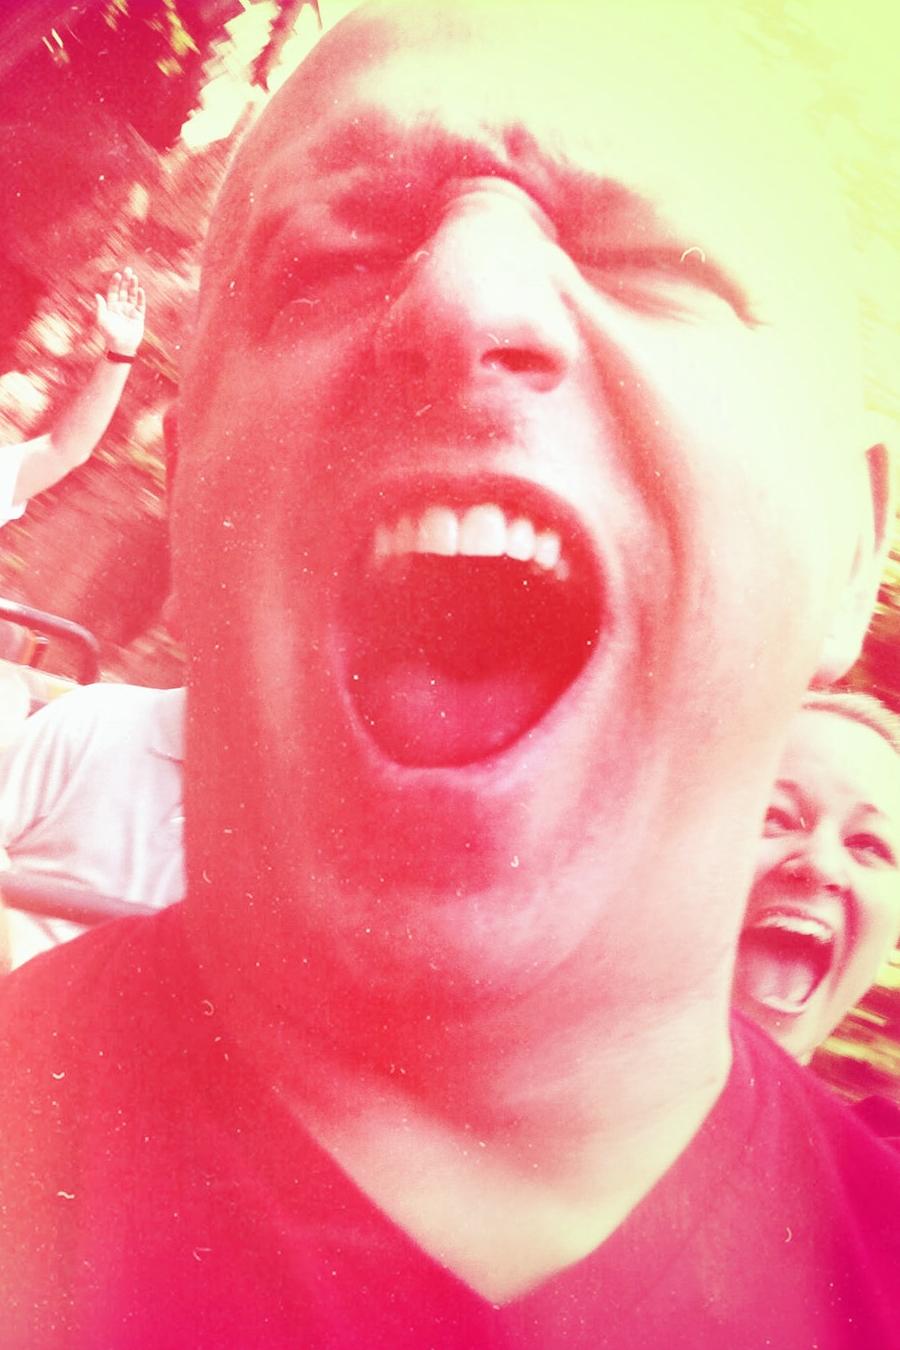 dav.d-does-a-selfie-on-a-roller-coaster.jpg